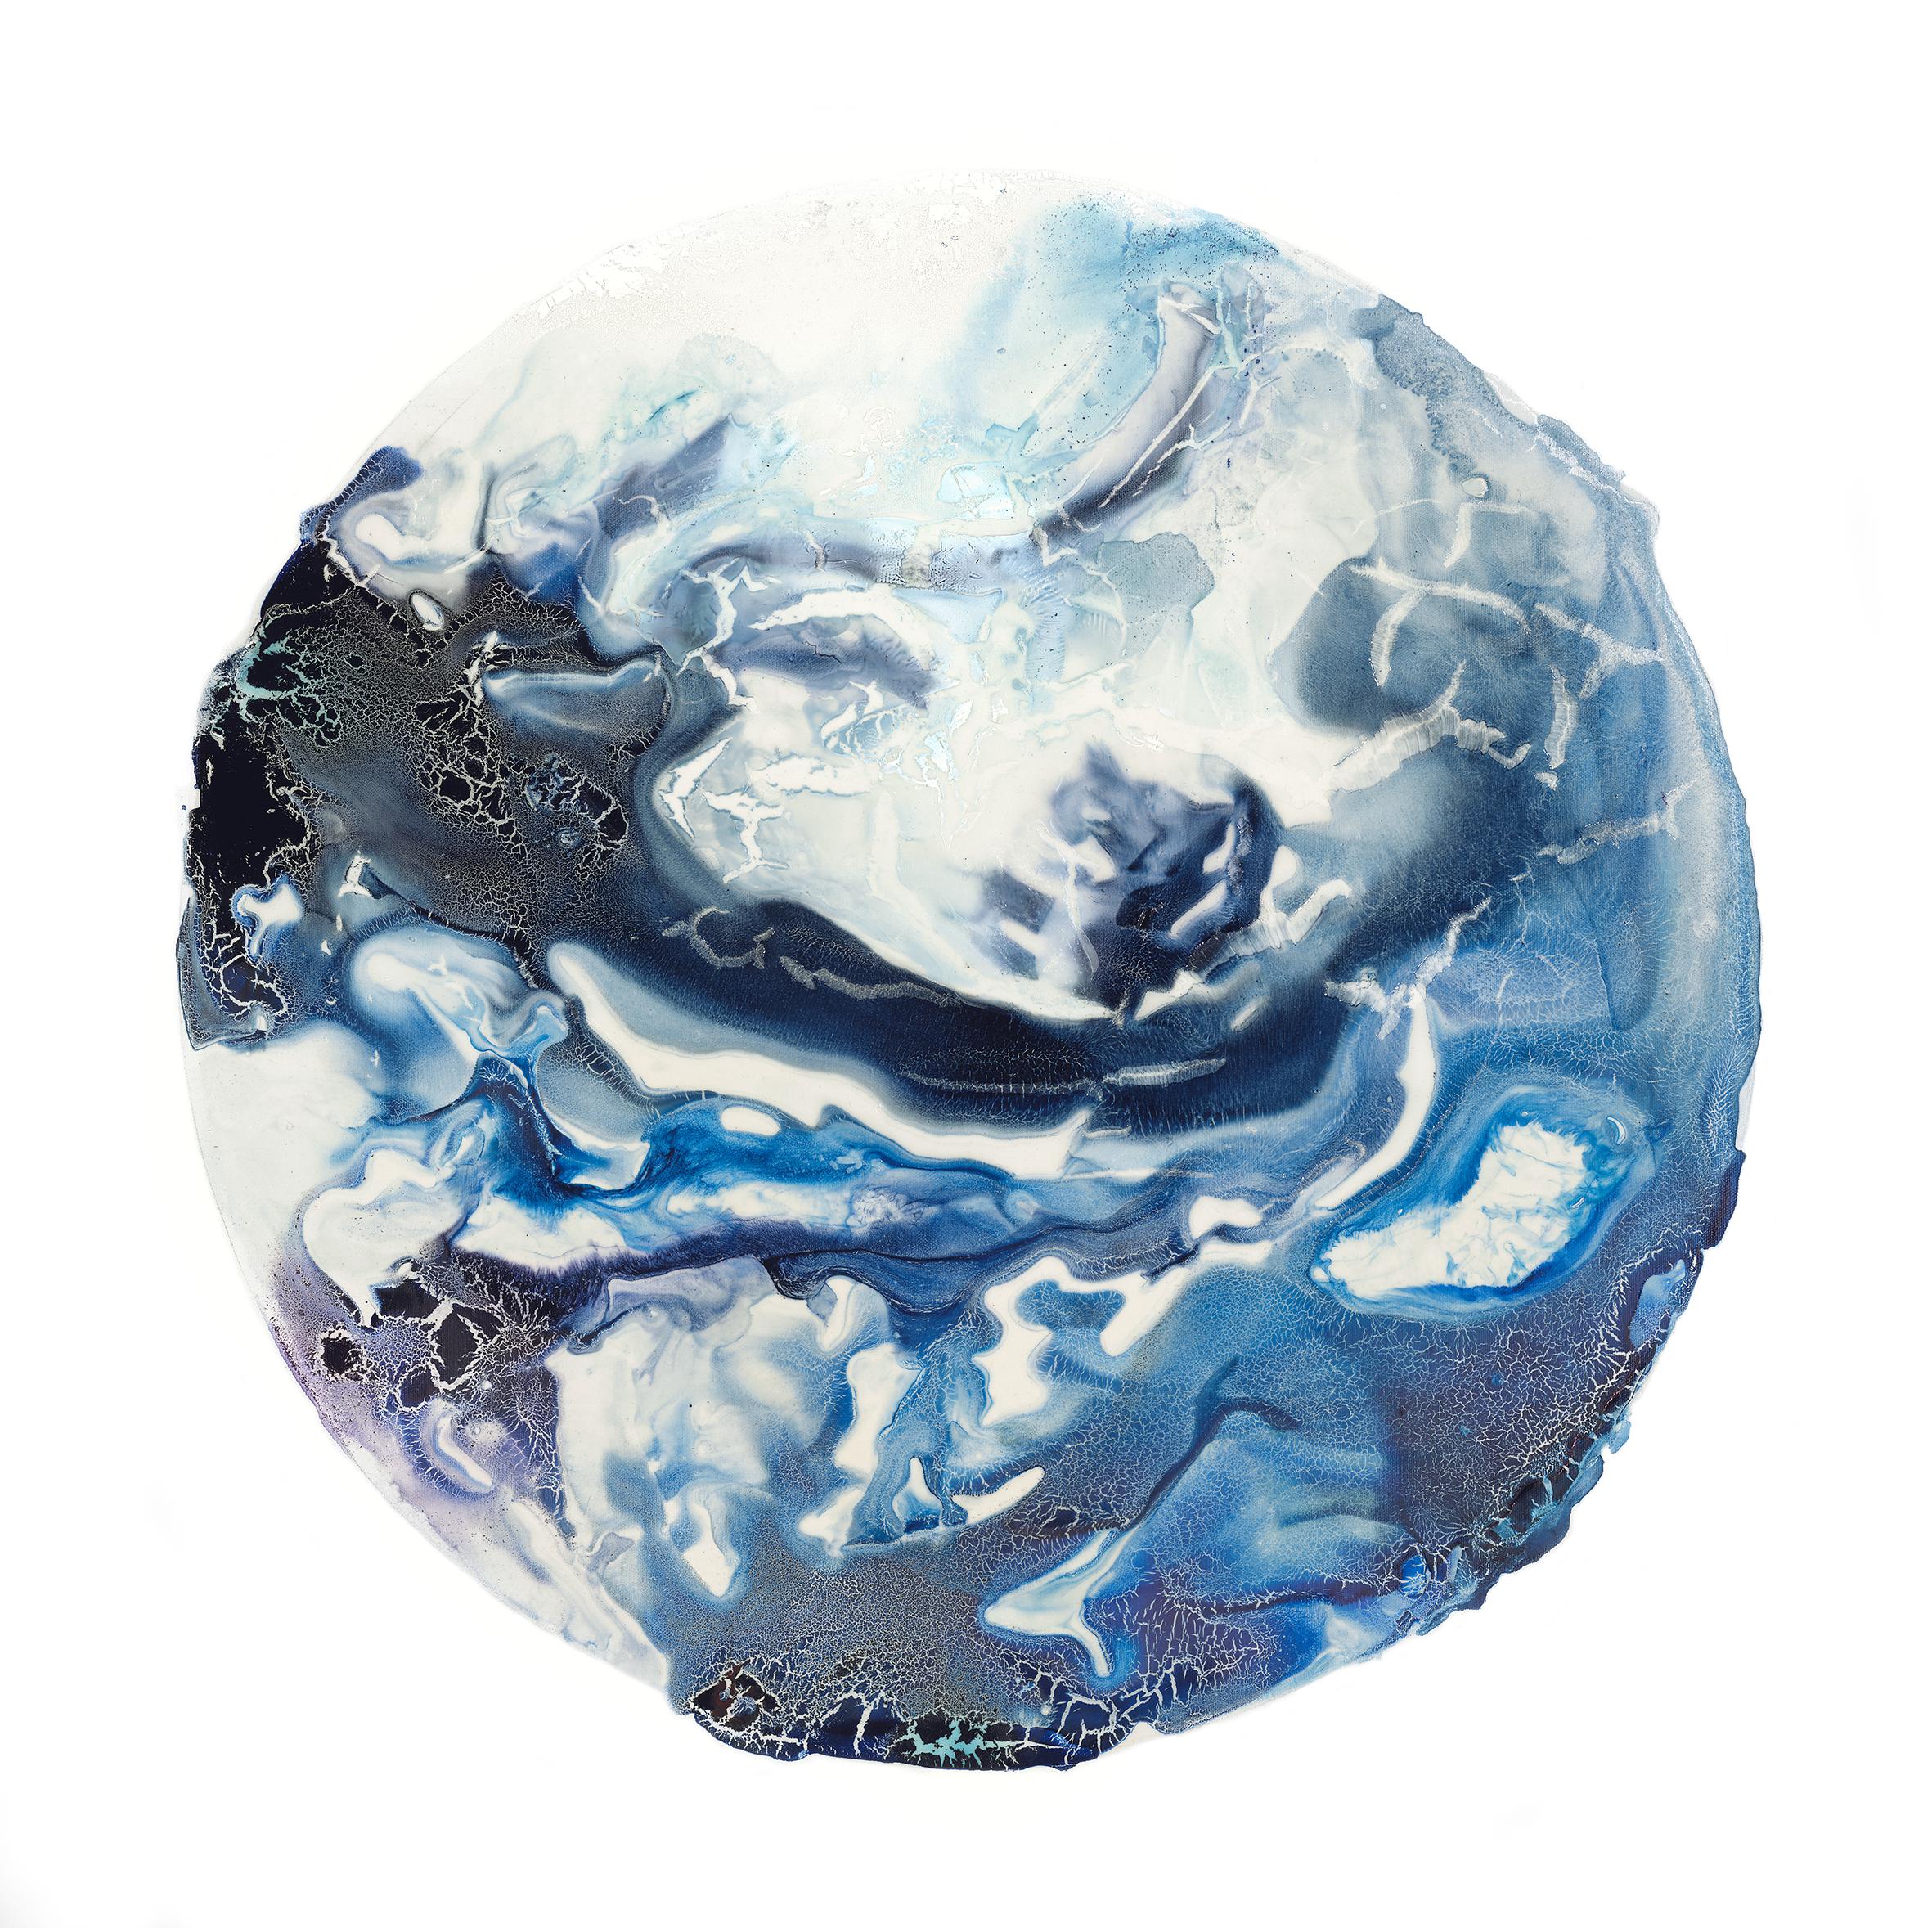 Ice 80x80cm 2016 (SOLD)